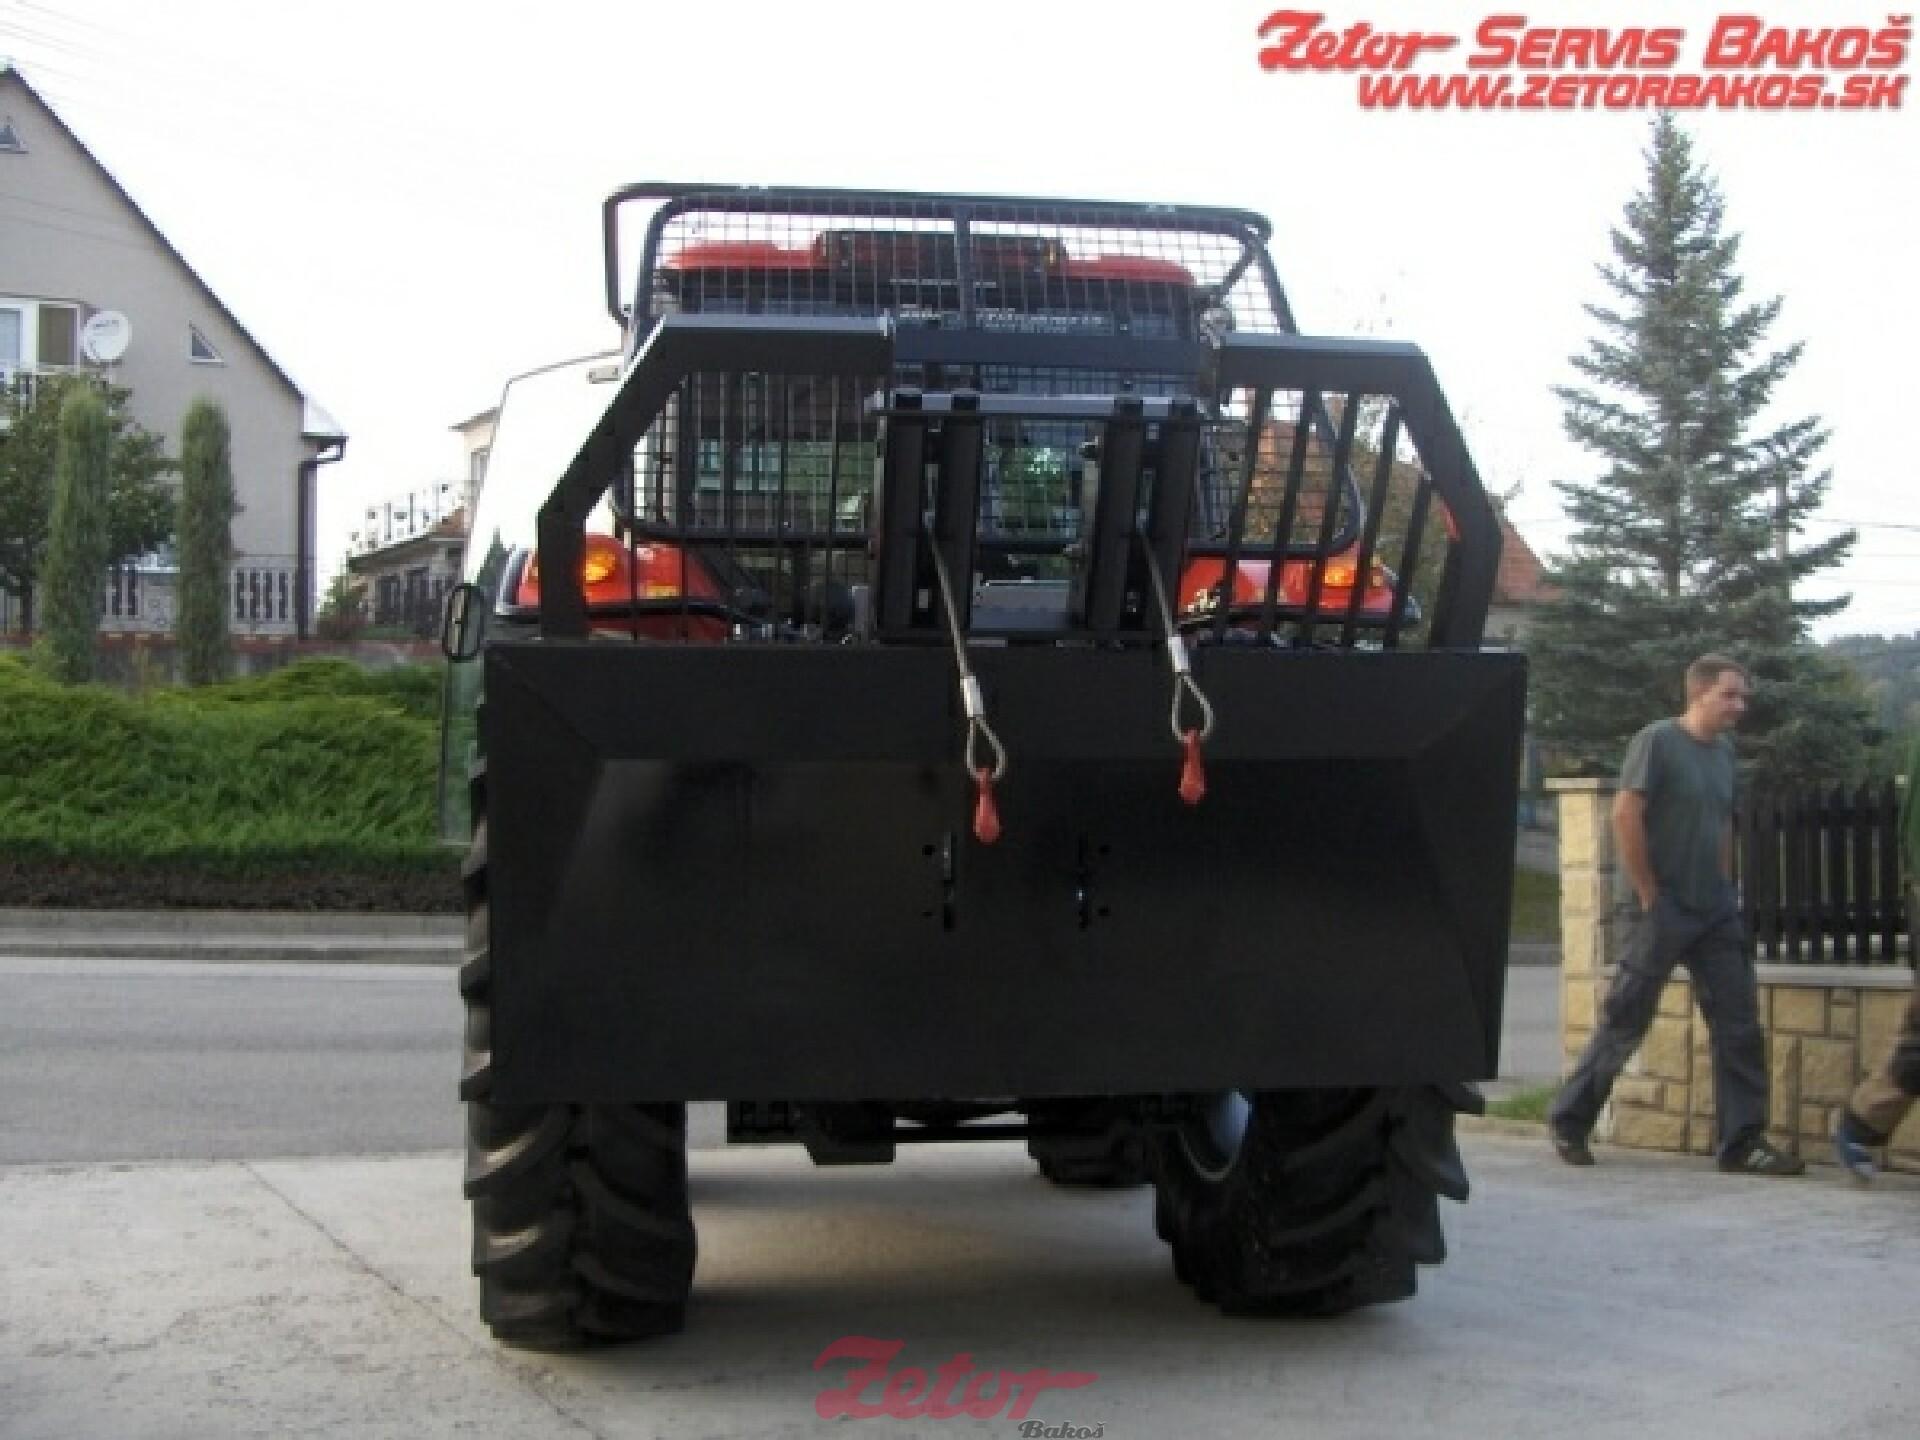 Zetor-bakos-g163